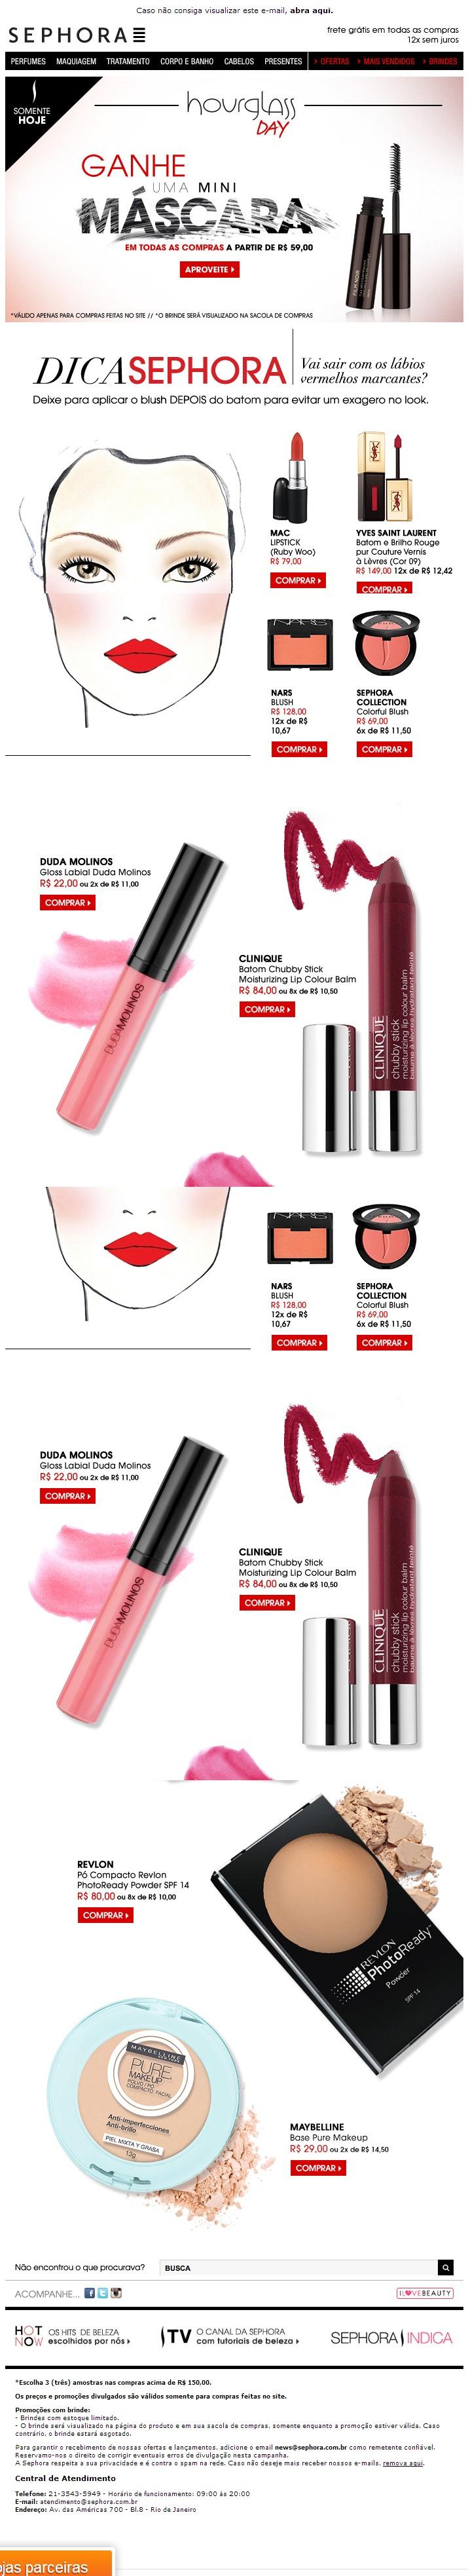 E-mail Marketing: Categoria Beleza | Sephora